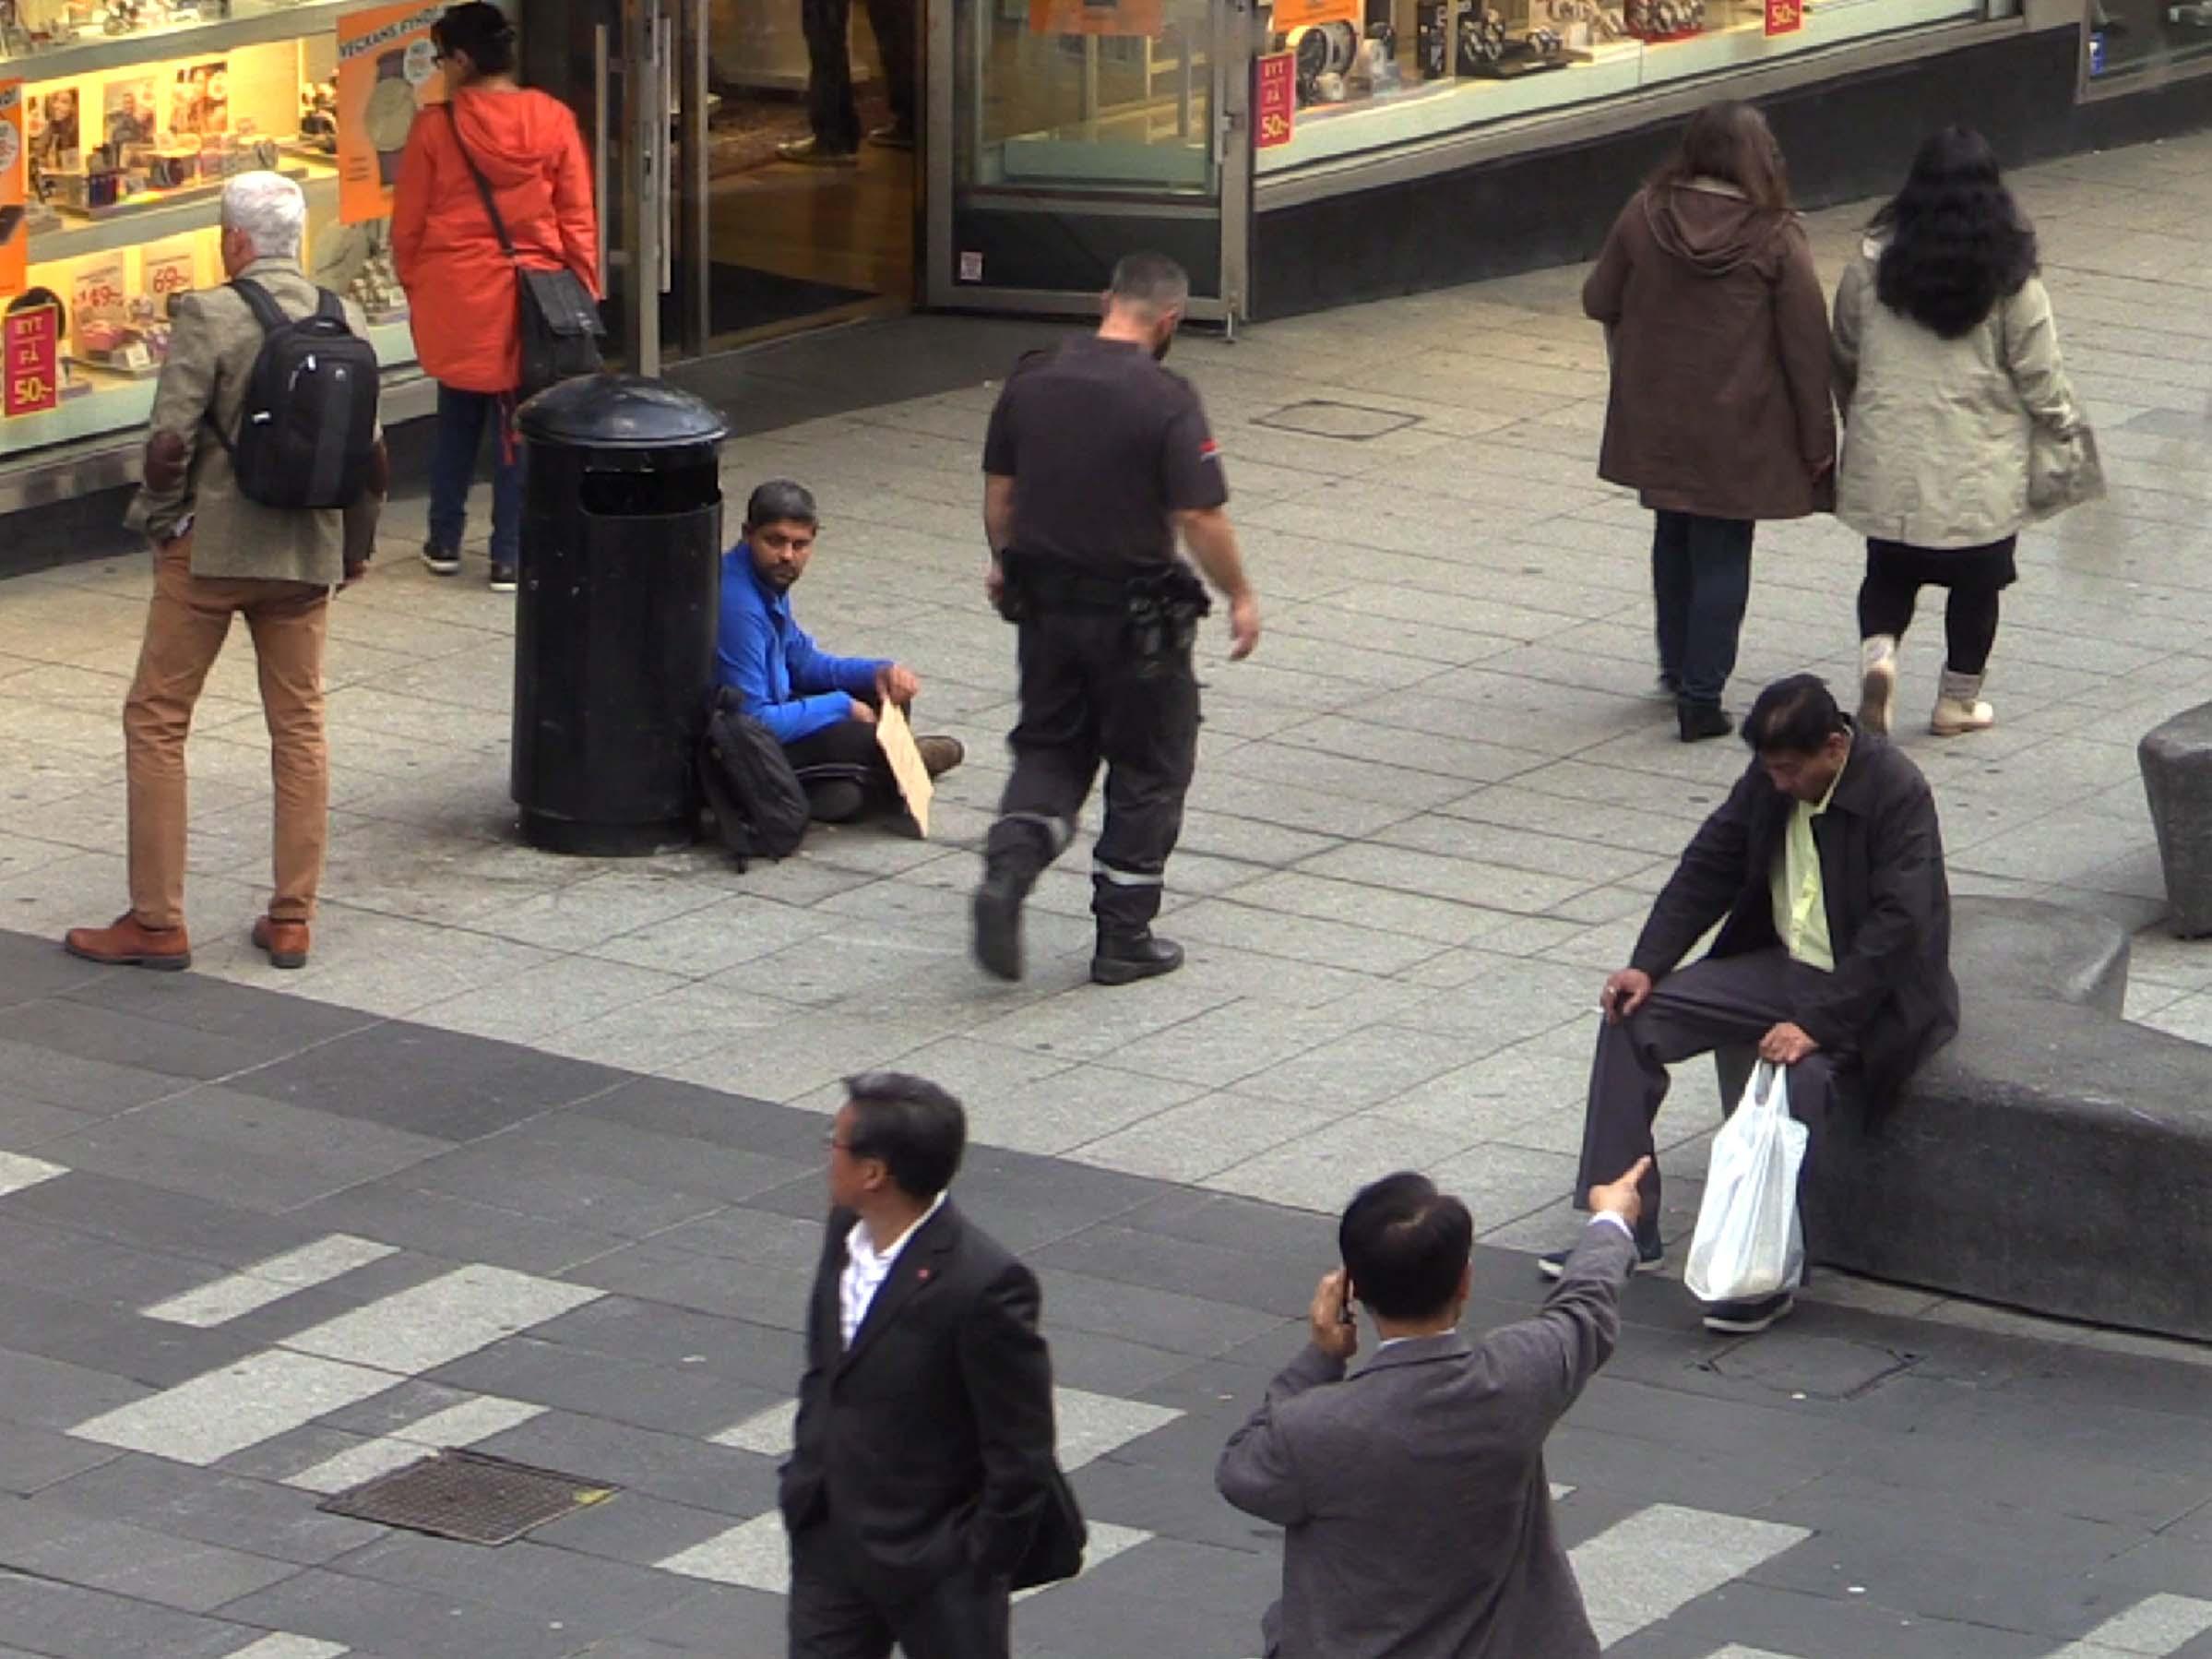 دستگیری چندین نفر به جرم قاچاق انسان و گدایی سازمانیافته